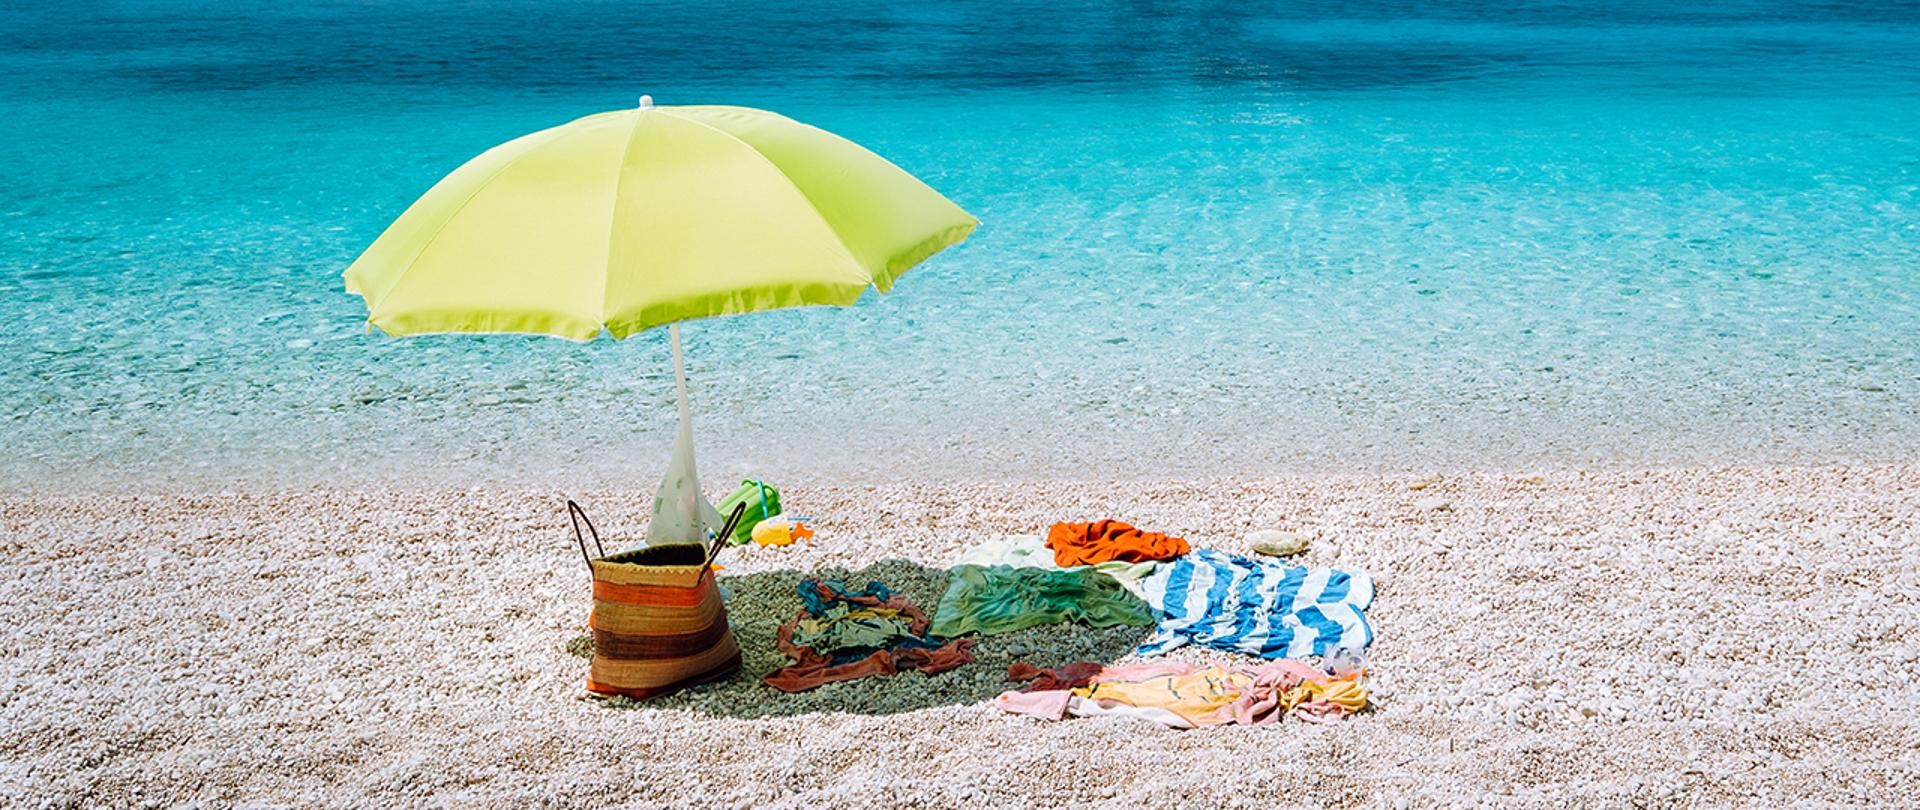 Plaża, nad wodą rozbity parasol.